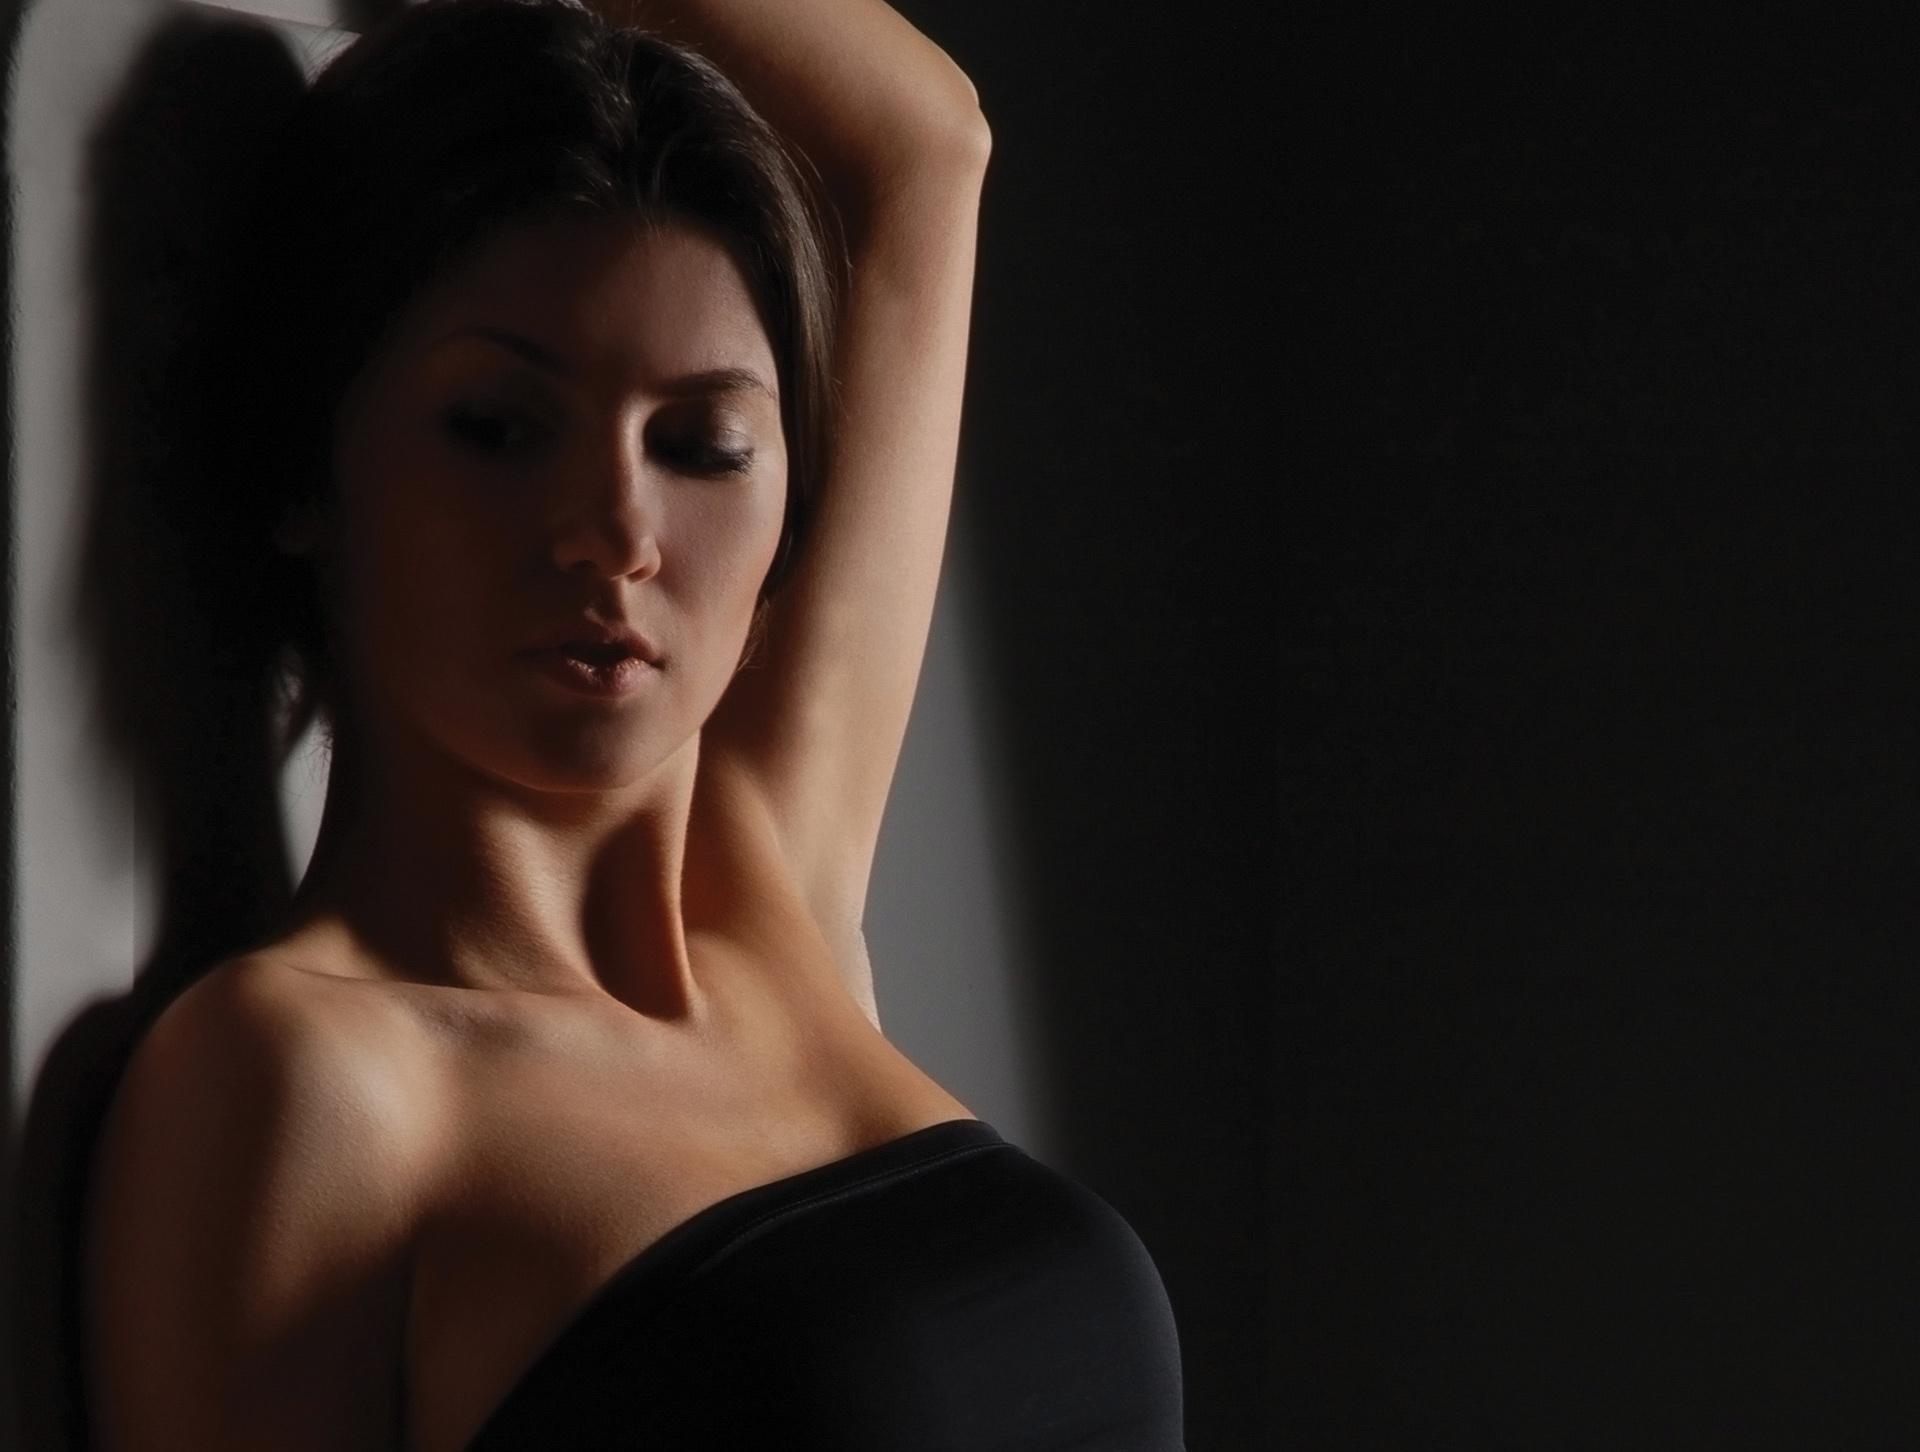 Berbahayakah Keluar Busa dari Miss V Saat Berhubungan Intim?